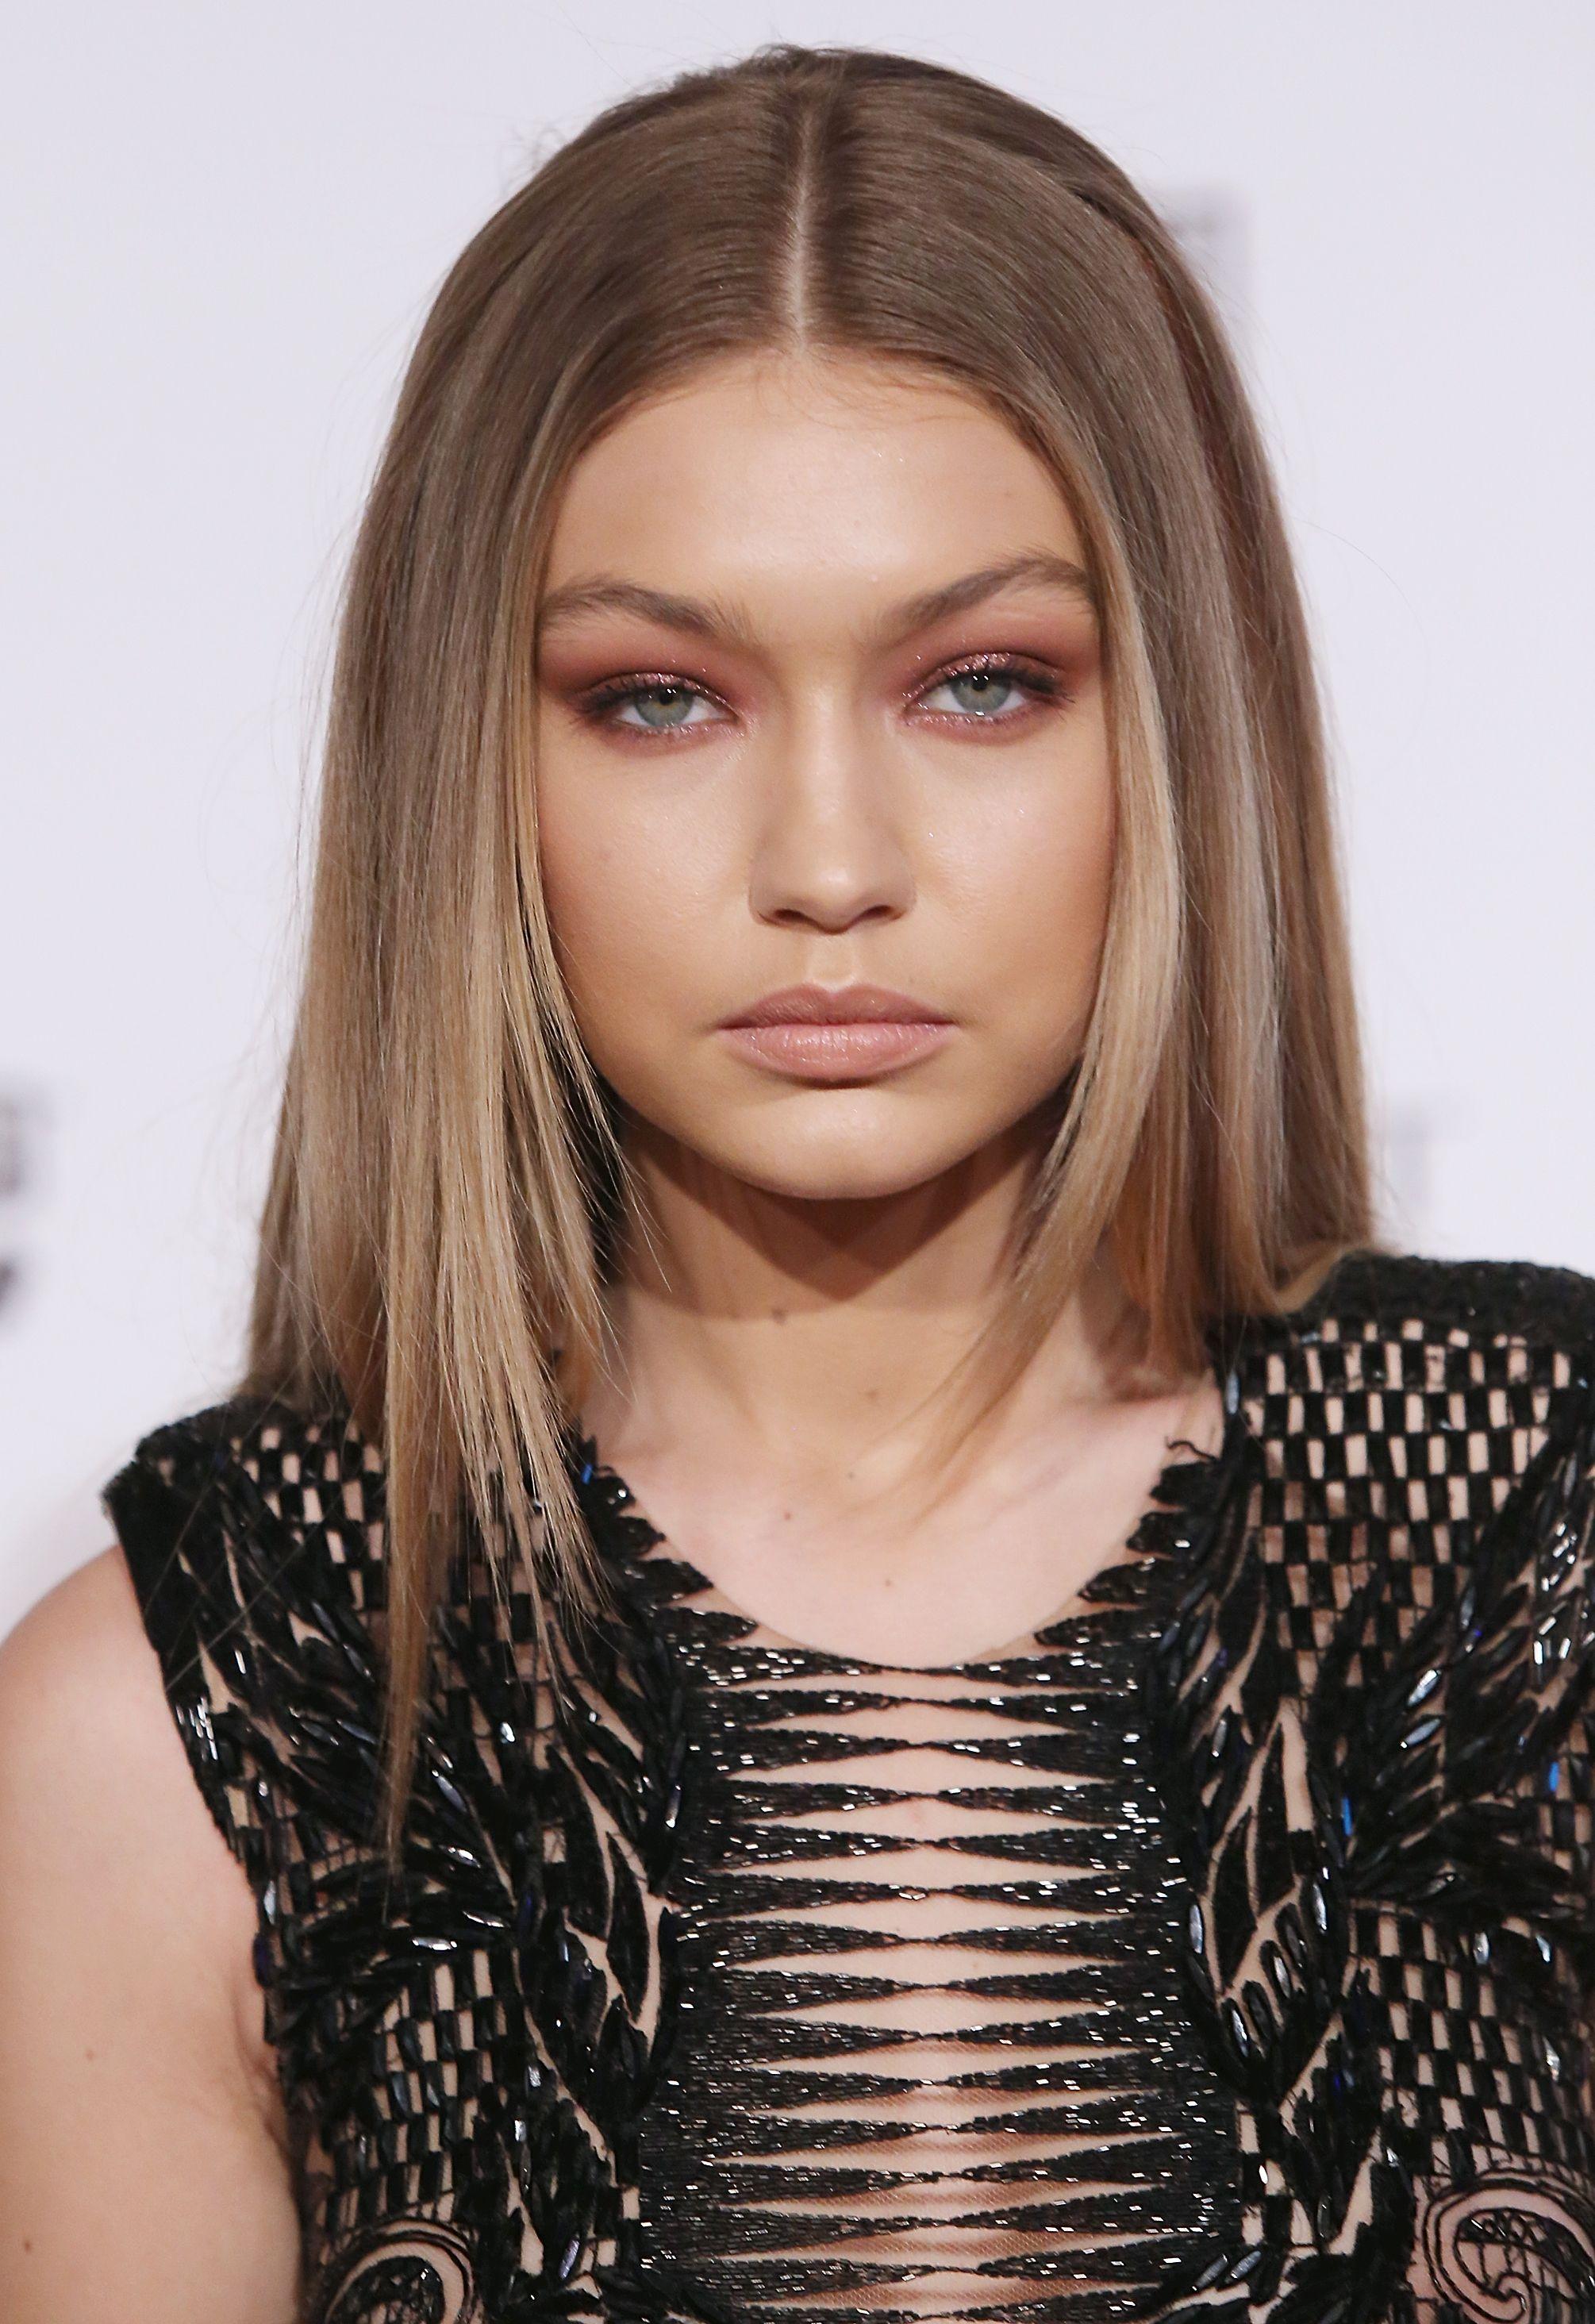 Le acconciature di Gigi Hadid per i capelli lunghi aacff3aa1783